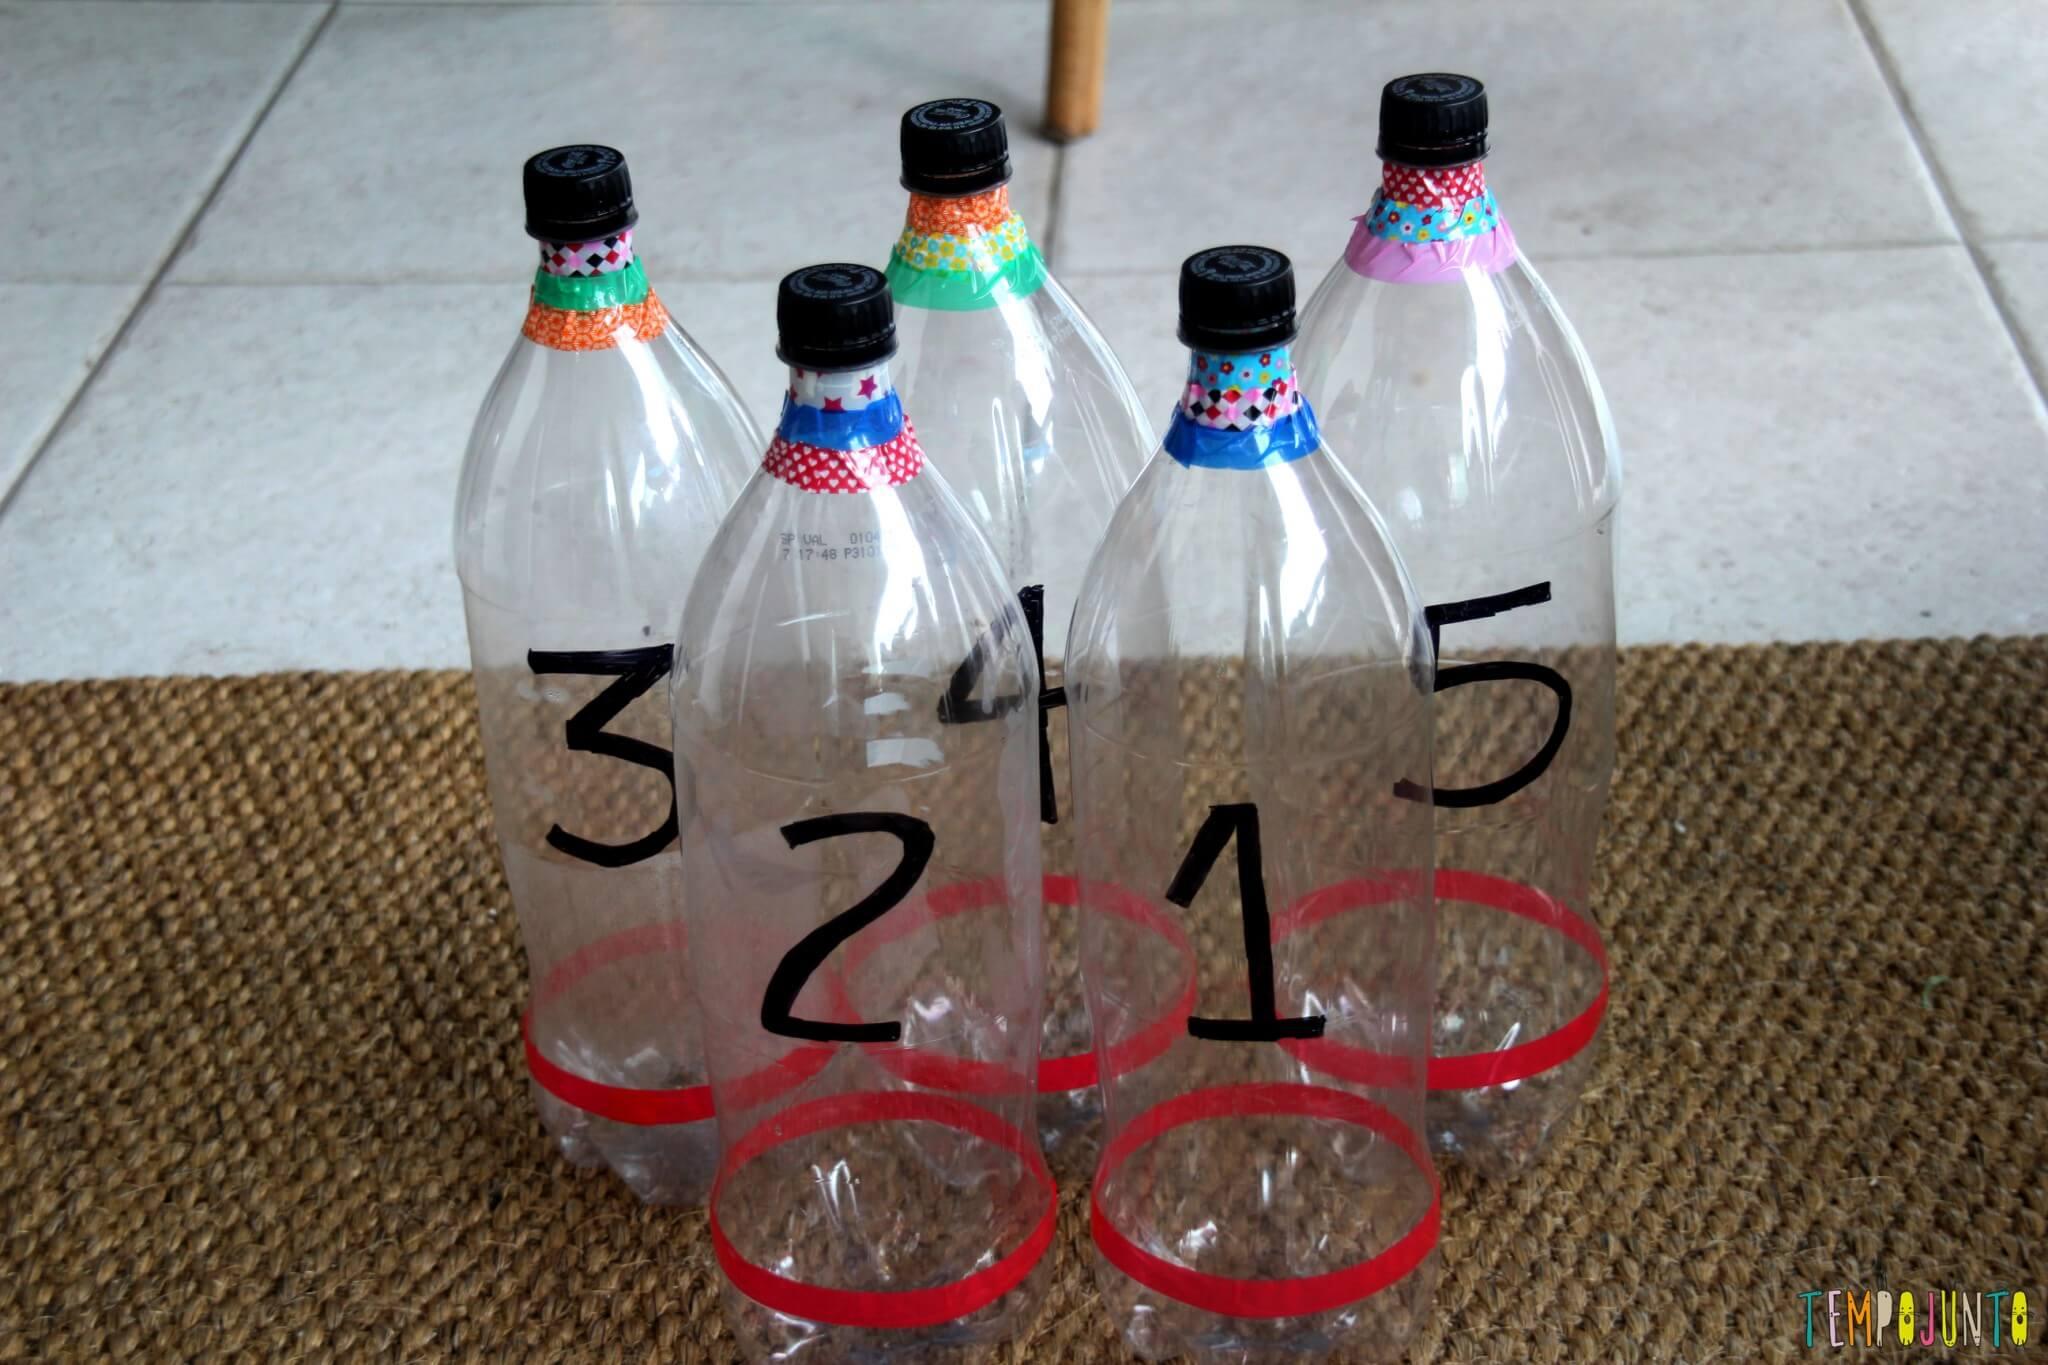 Como fazer boliche de garrafa pet - Tempojunto | Aproveitando cada ...